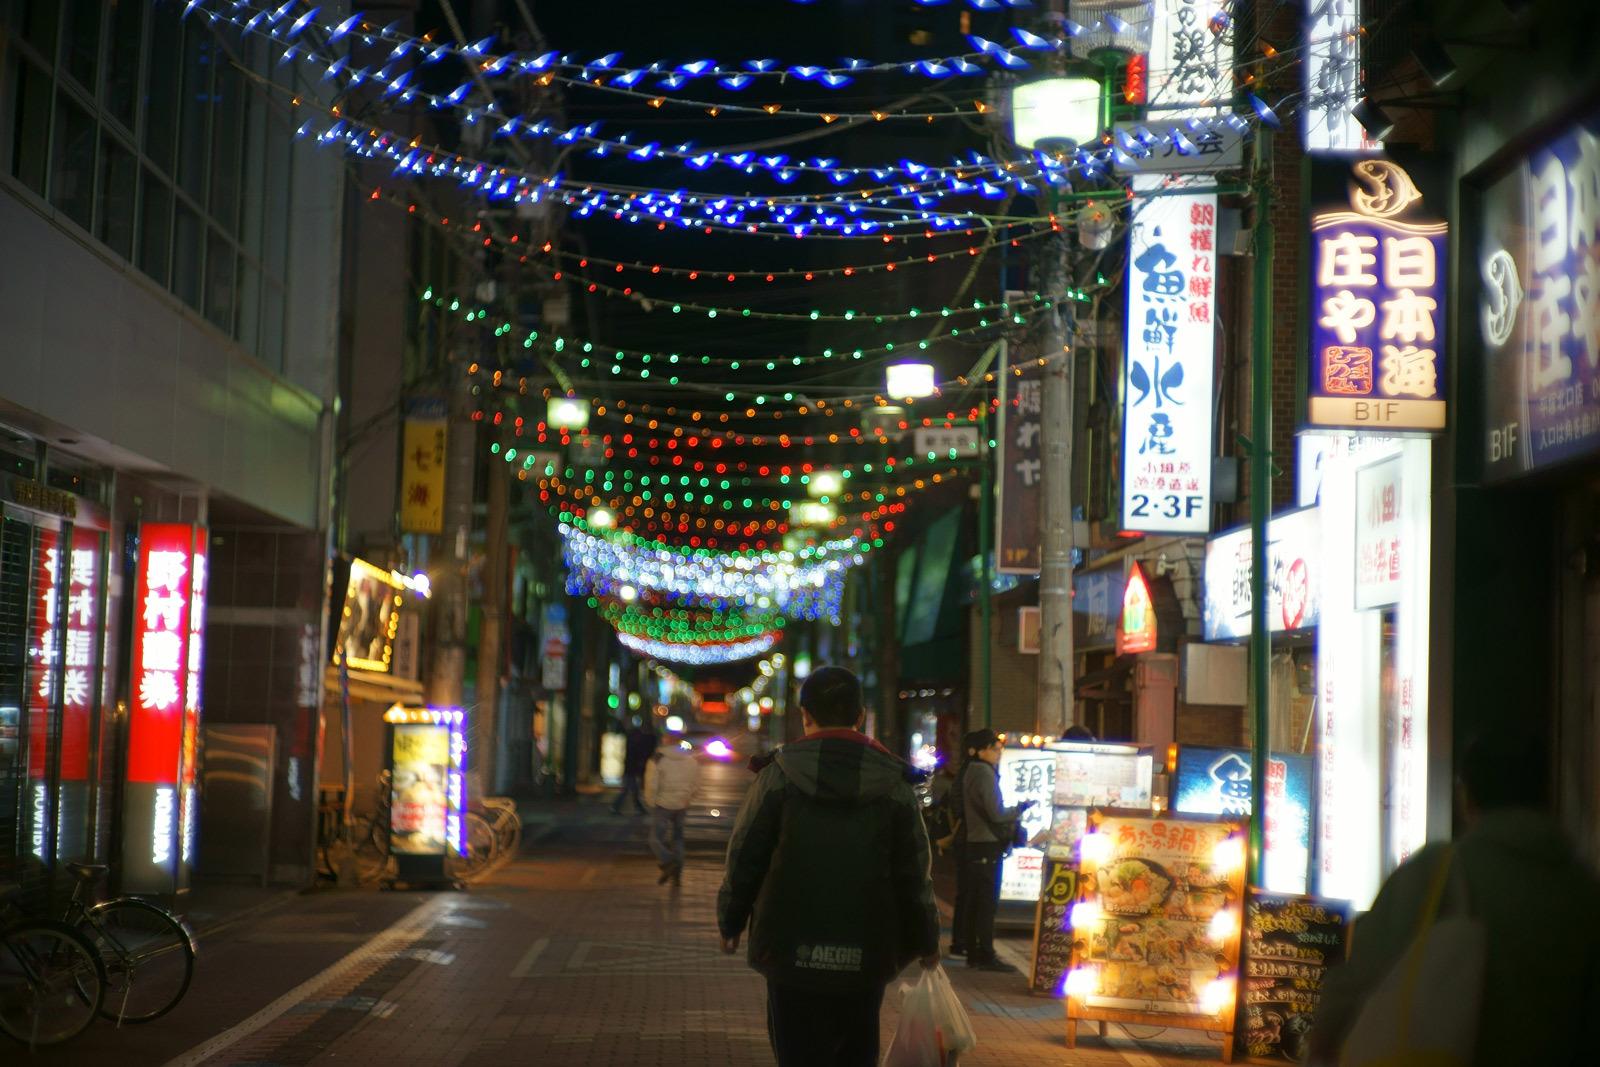 大晦日、平塚で泊まる_a0271402_16335691.jpg